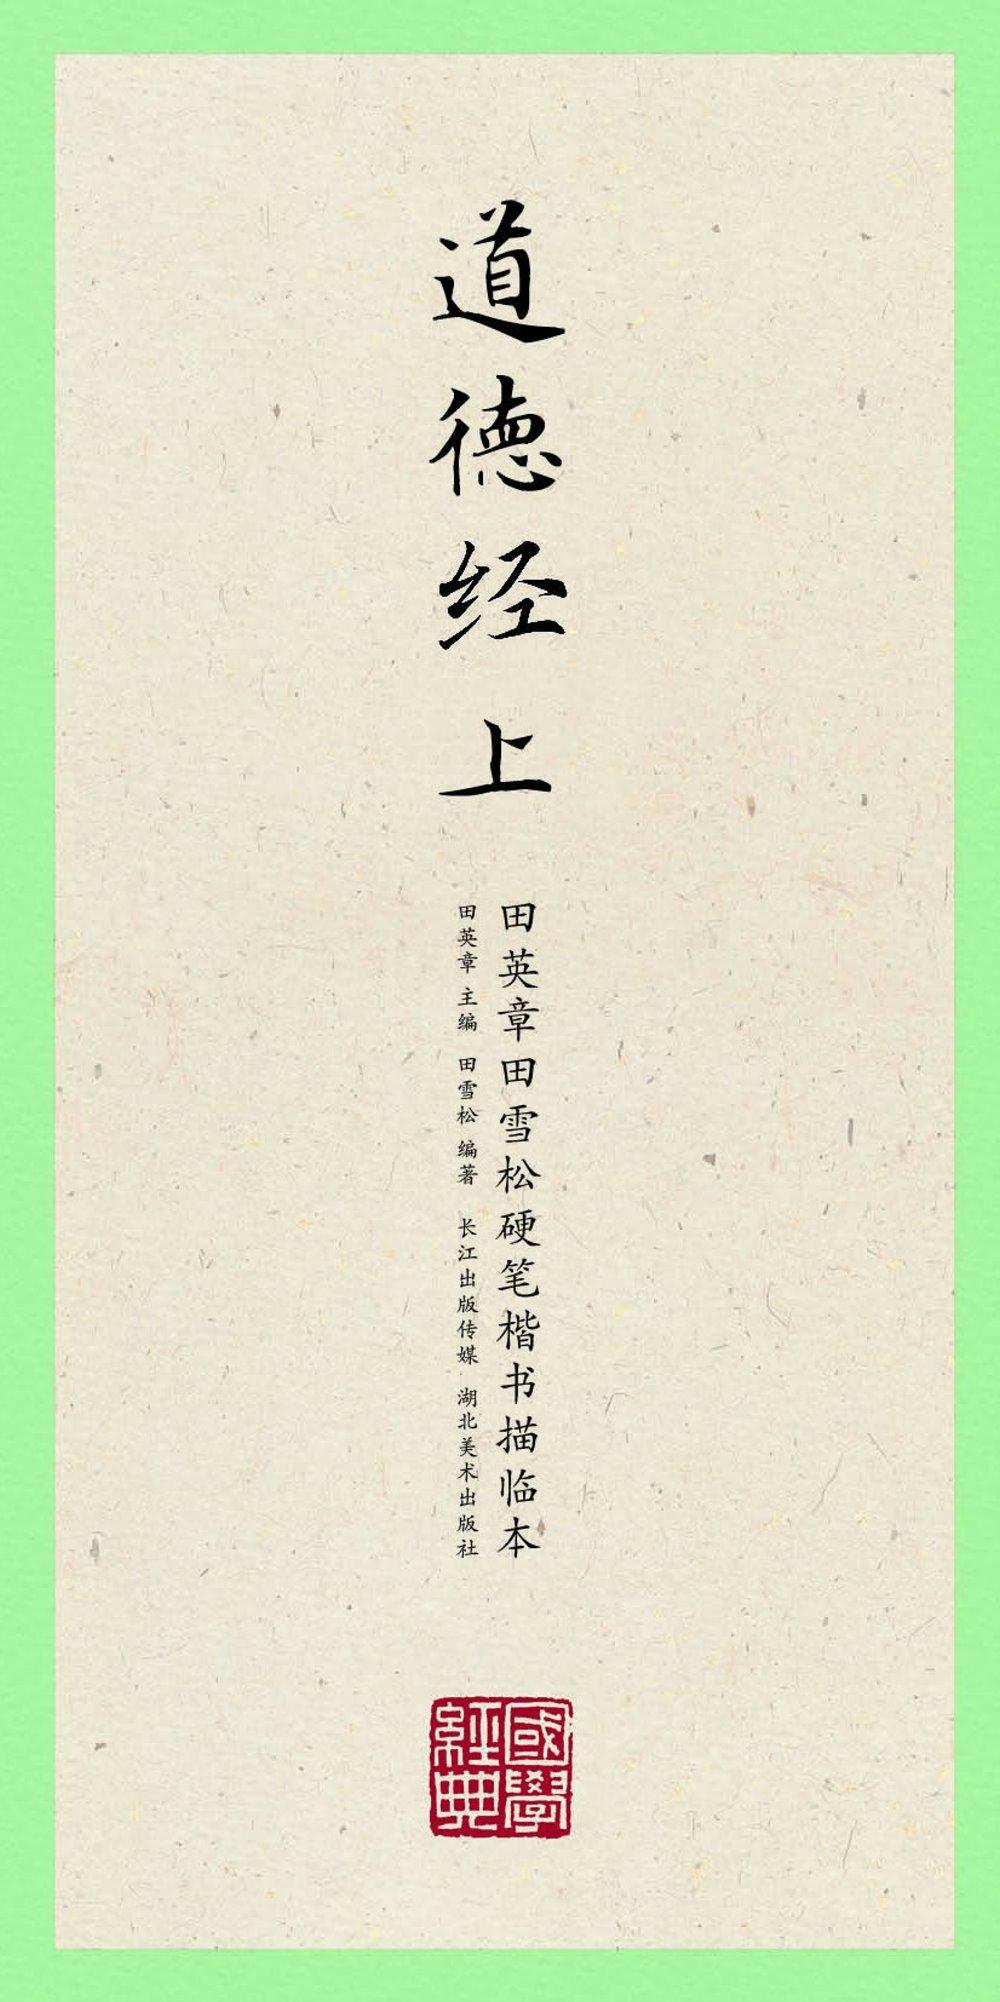 國學經典·田英章田雪松硬筆楷書描臨本道德經(上)